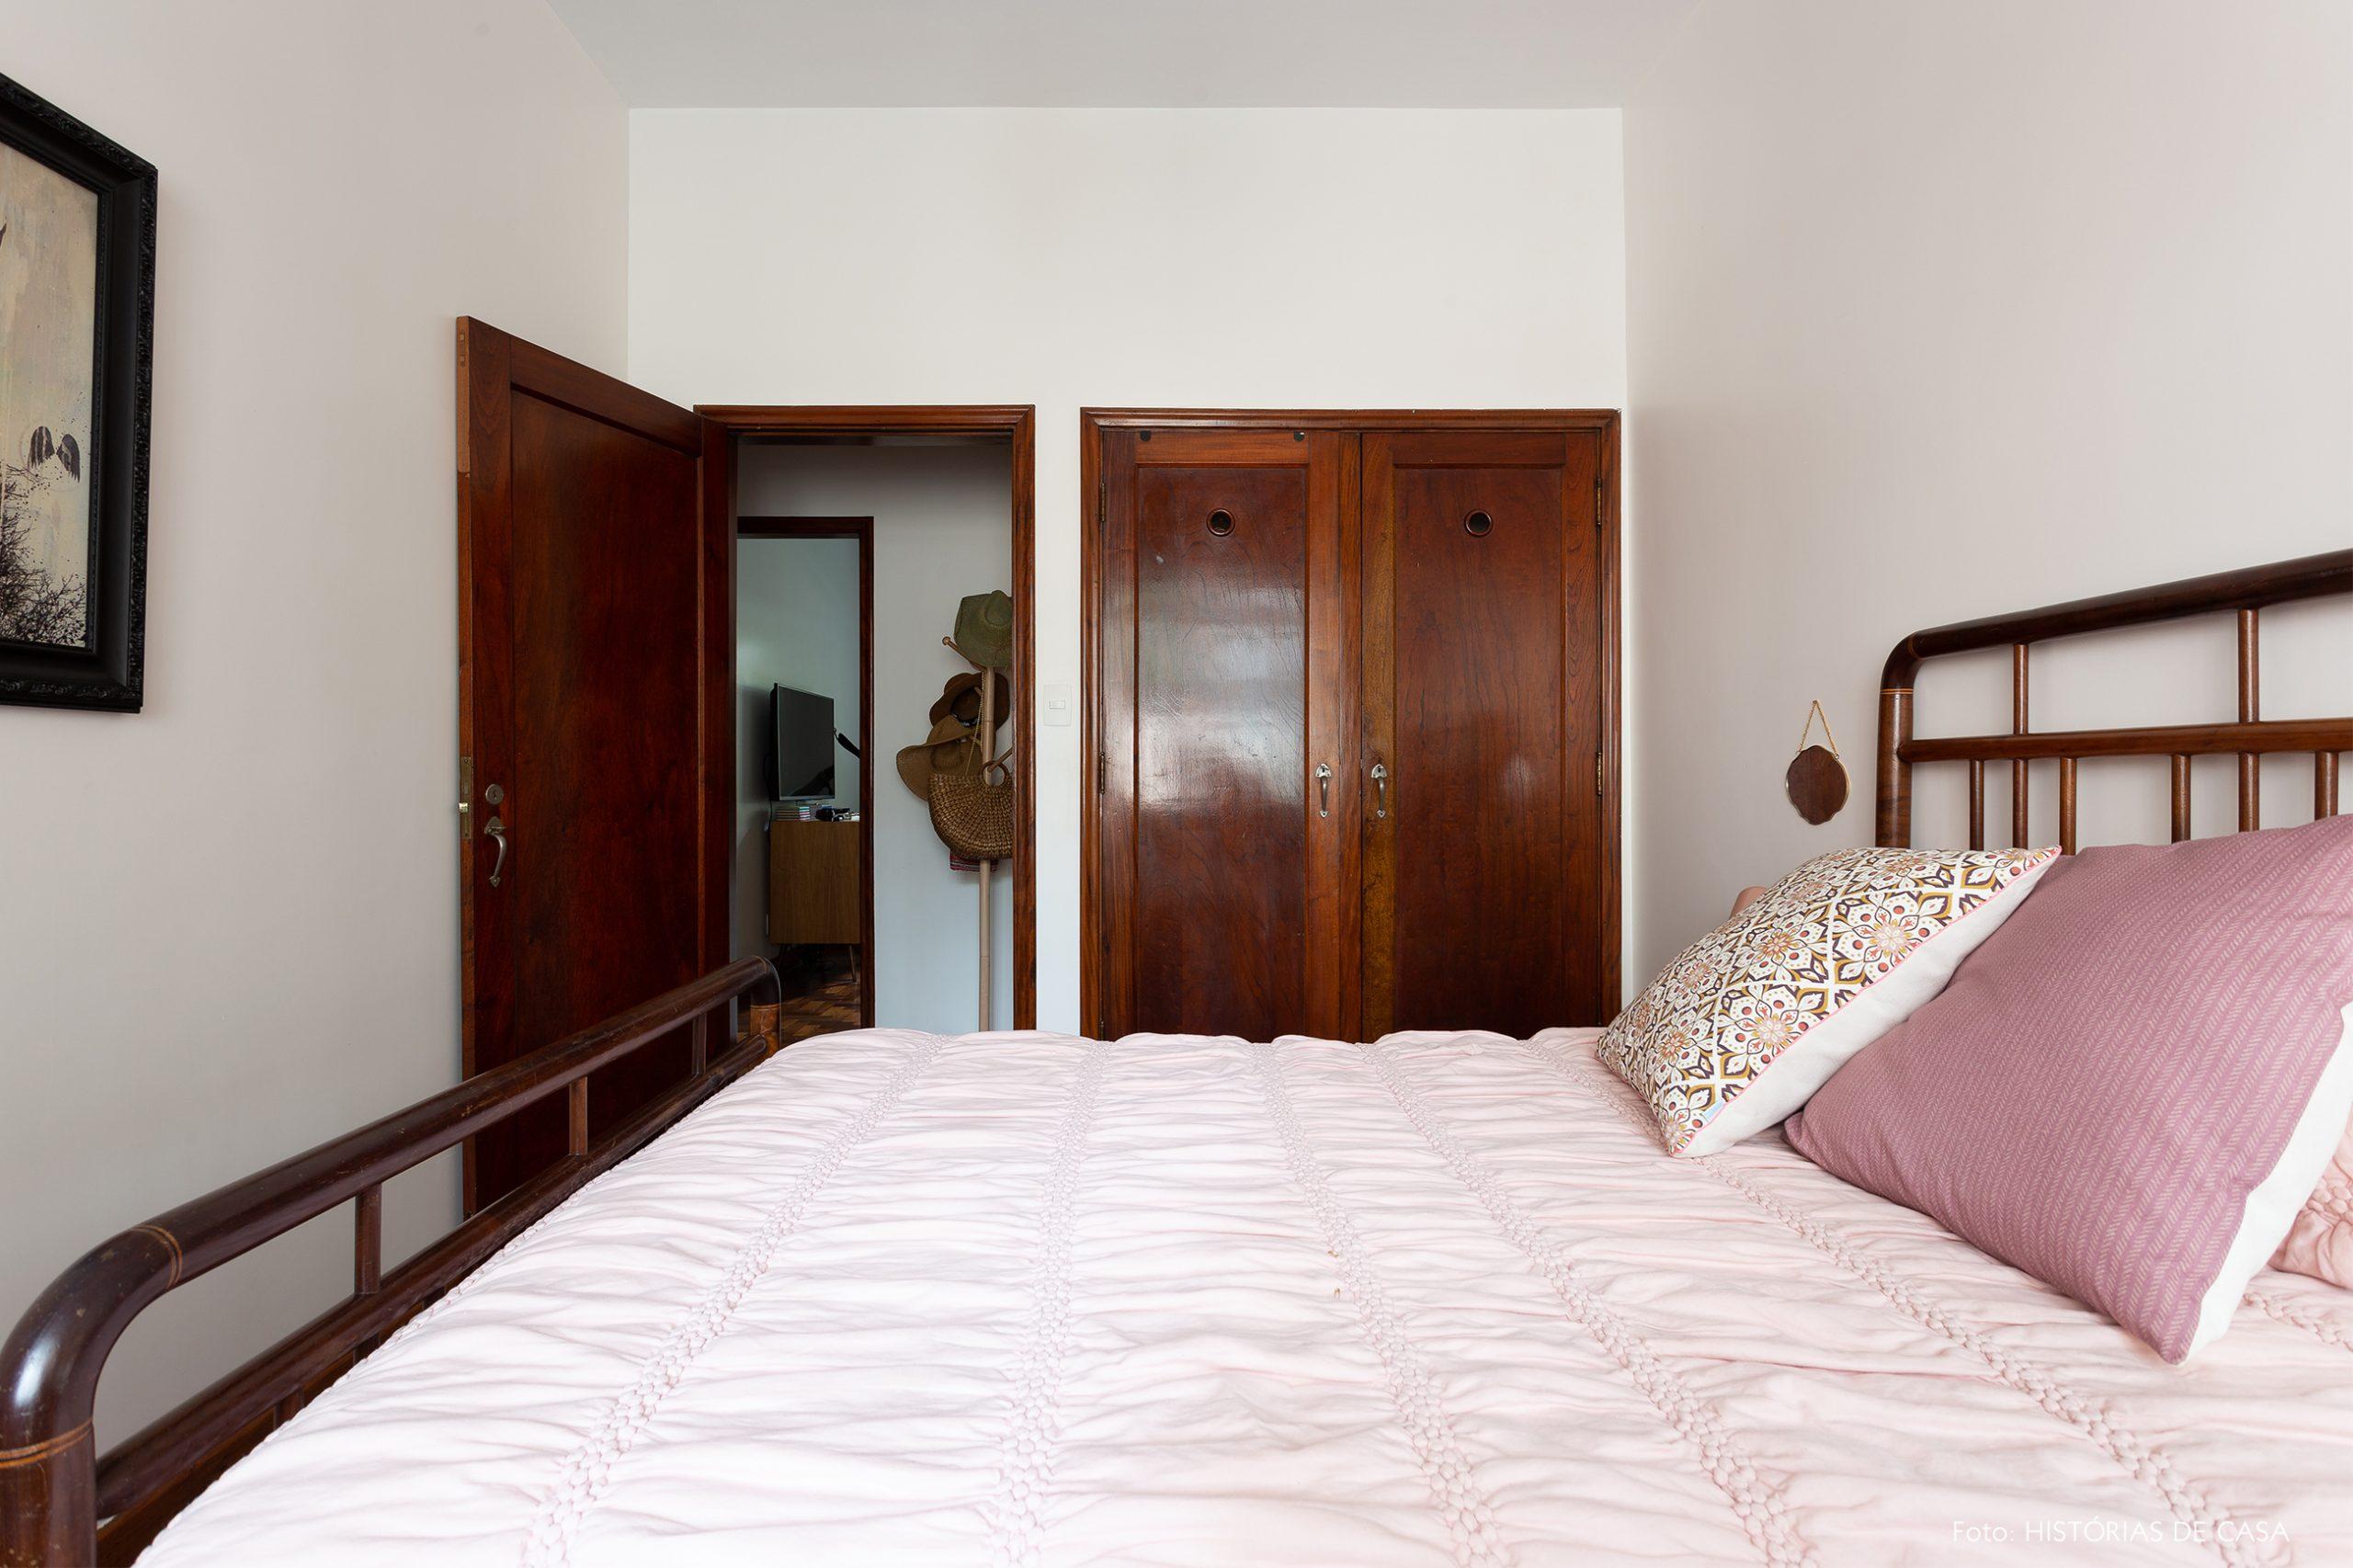 decoração qaurto cama de madeira escura